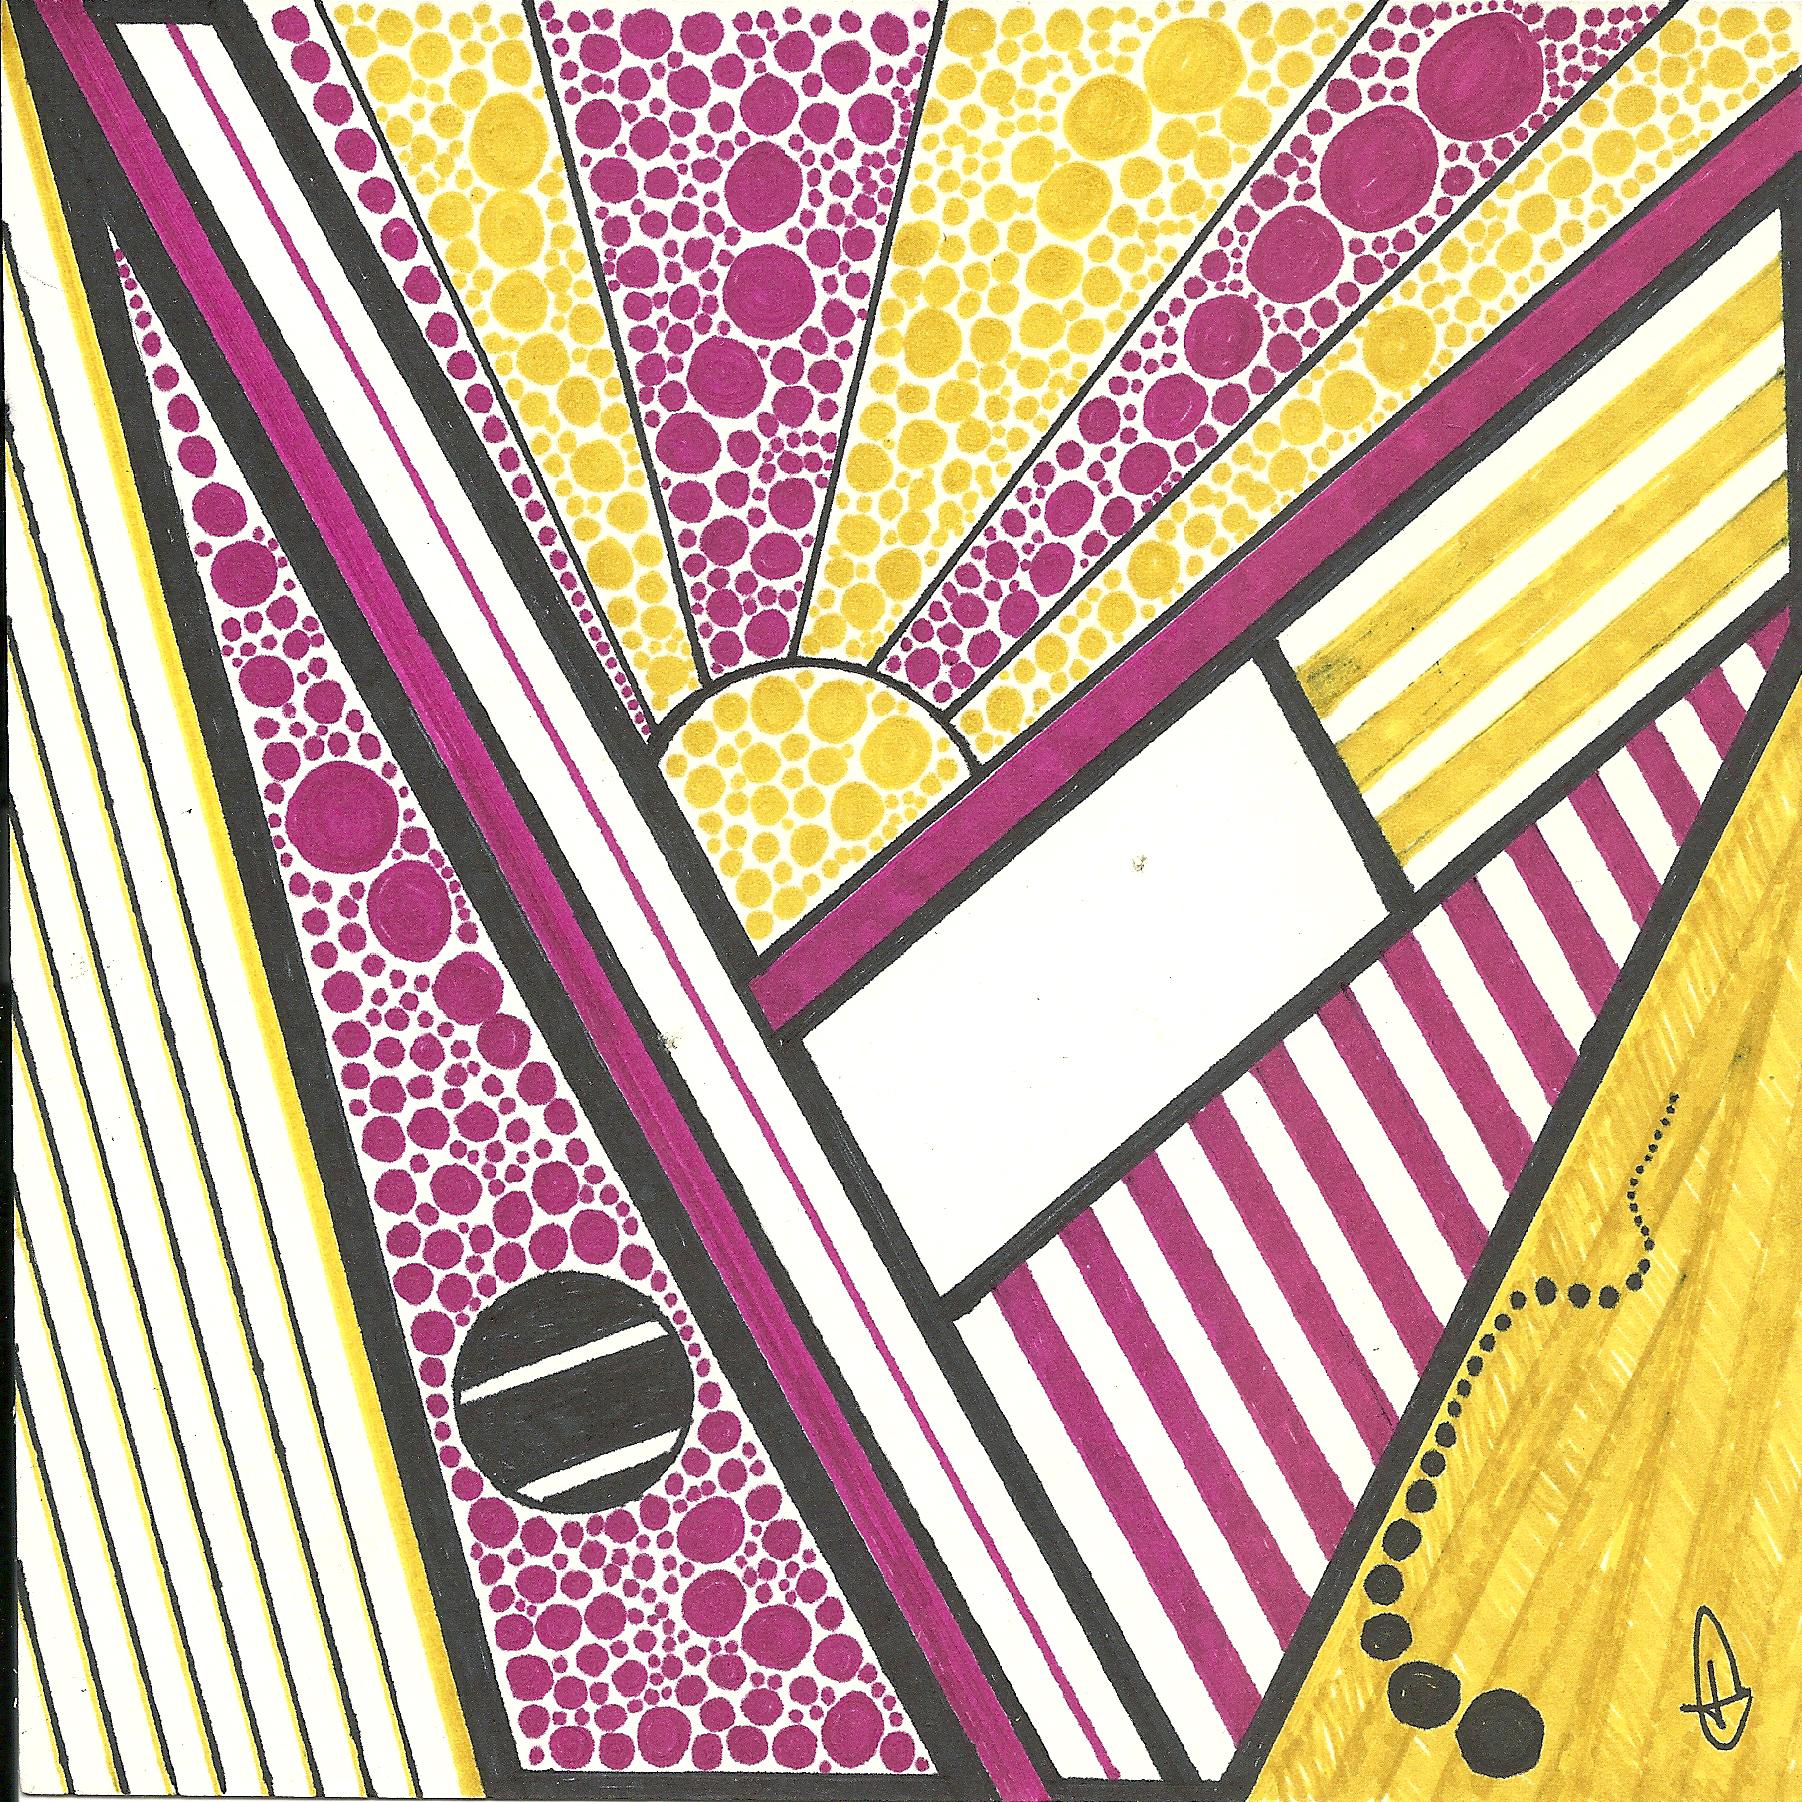 Abstract No. 201